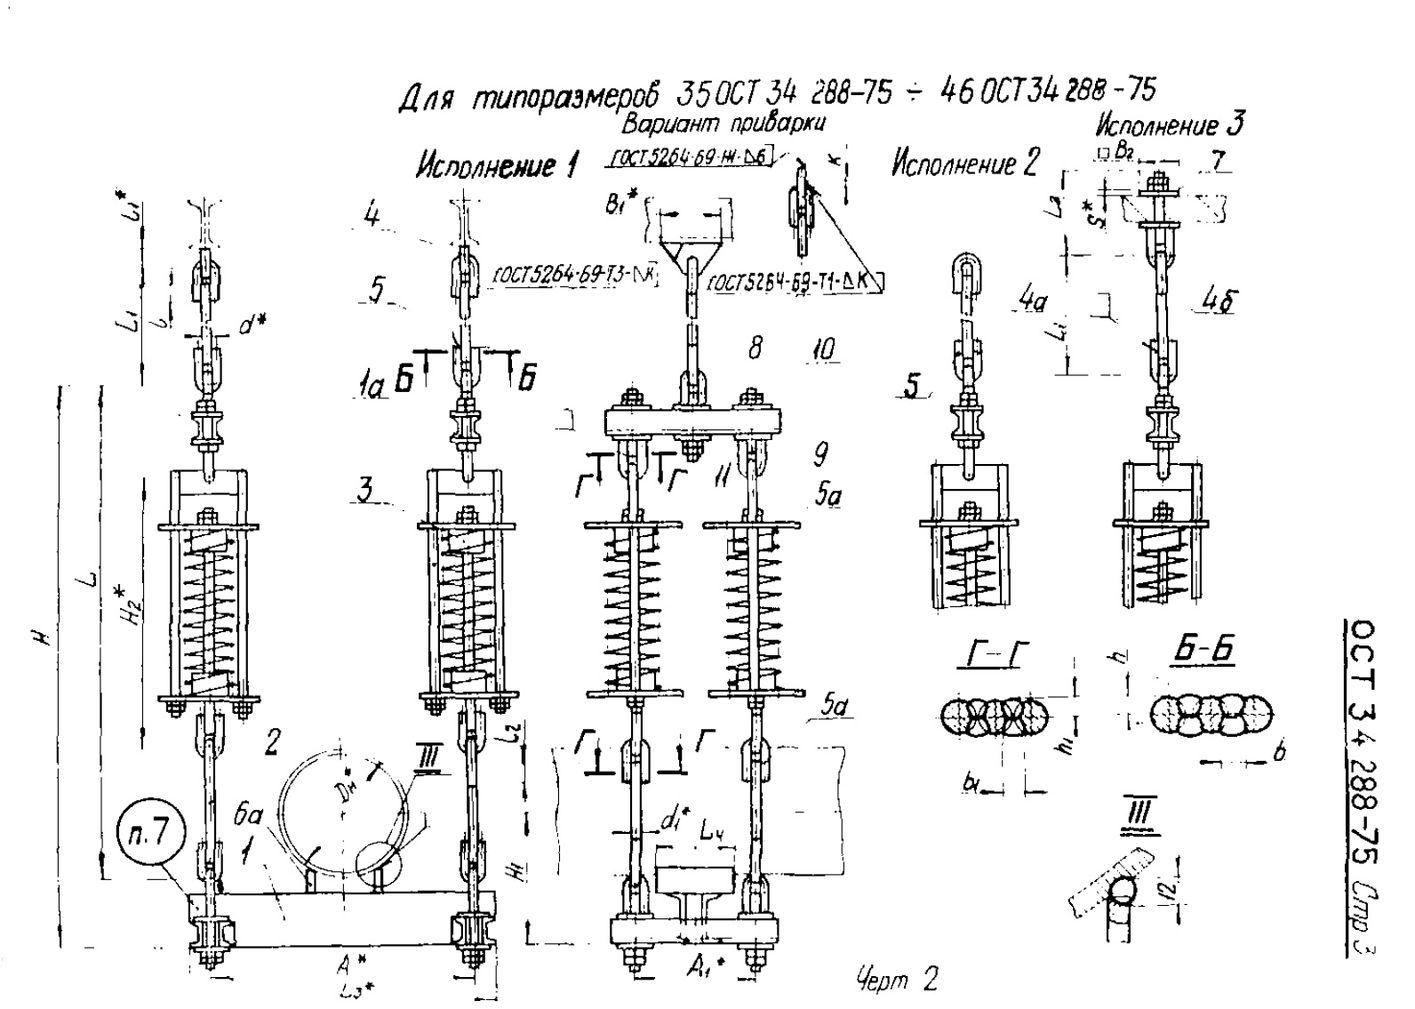 Подвески пружинные на двух и четырех тягах ОСТ 34 288-75 стр.3